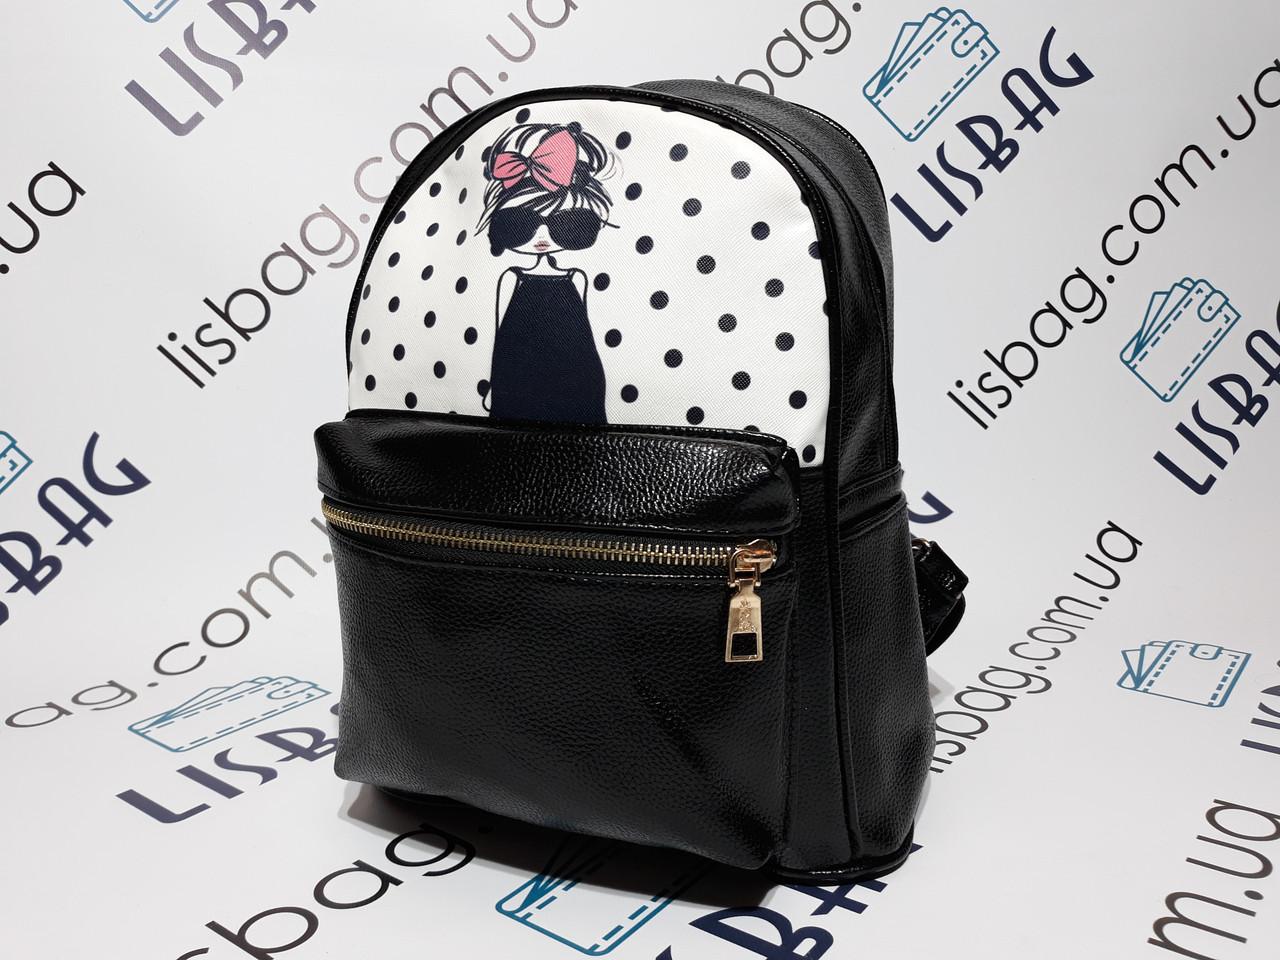 8e4ce498e9f0 ... Маленький женский рюкзак портфель черный из искусственной кожи с  принтом девочки, ...